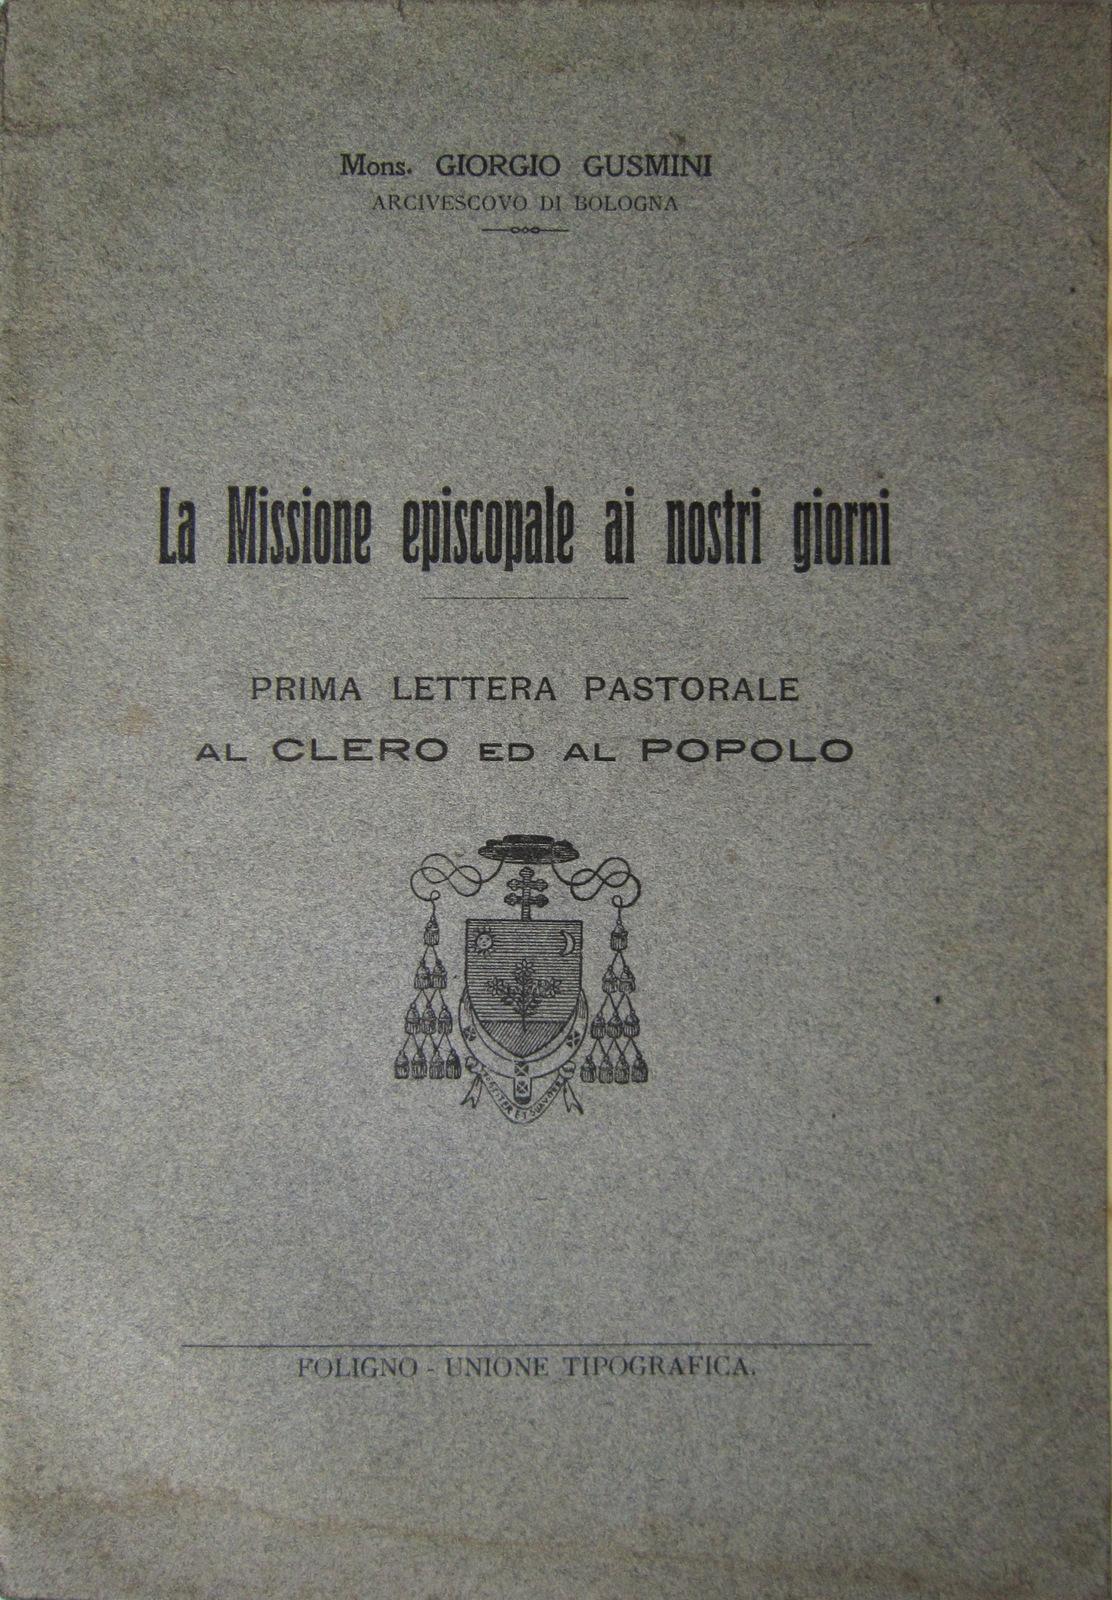 La Missione episcopale ai nostri giorni